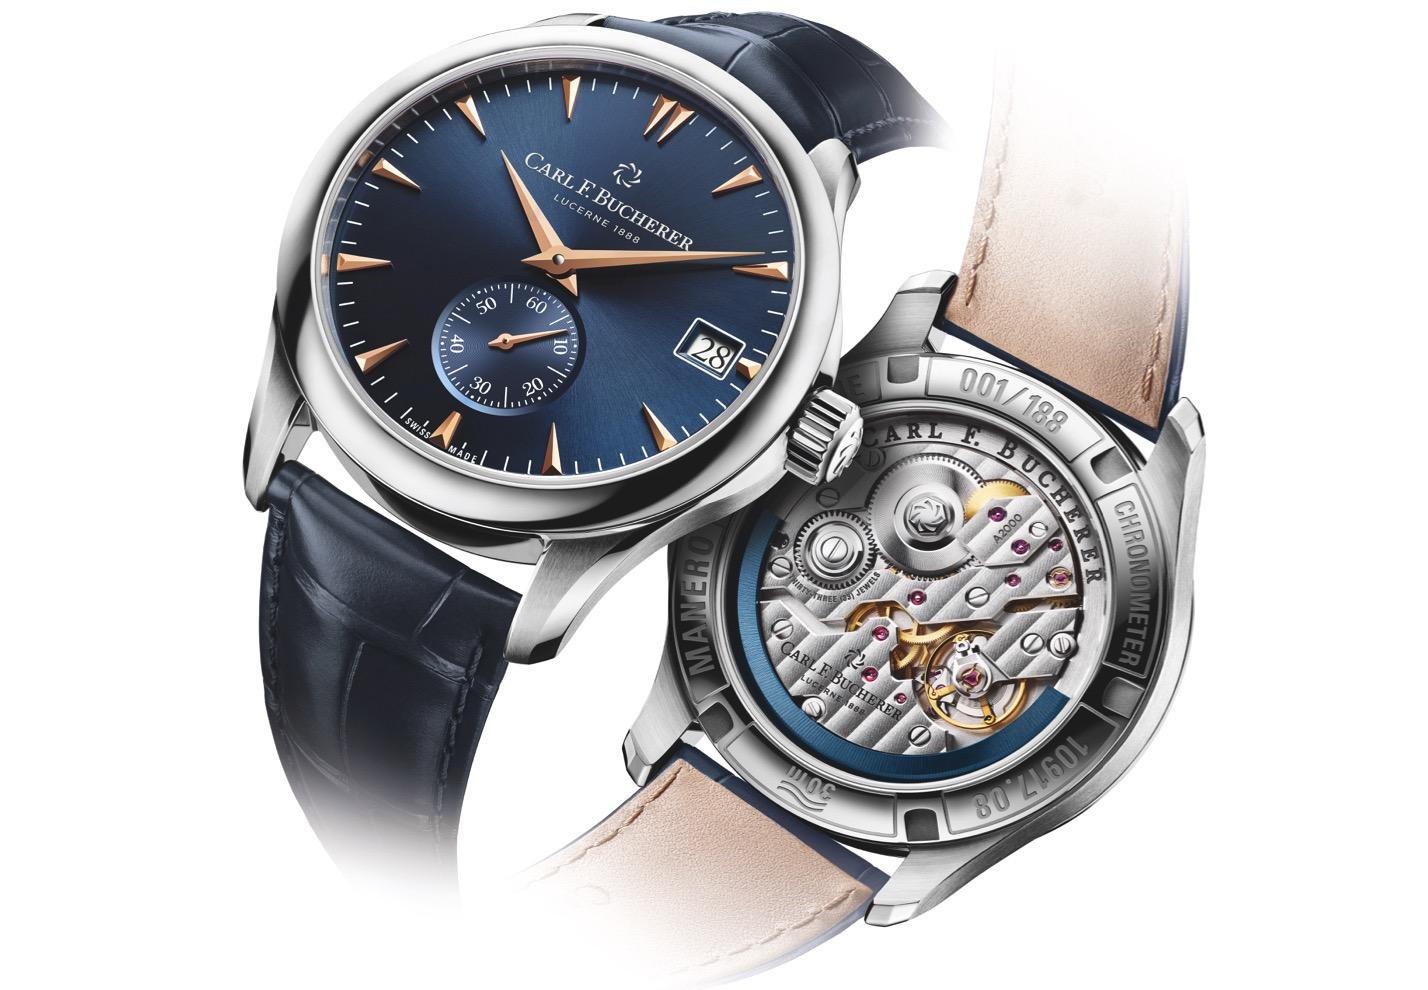 Die Manero Peripheral Boutique Edition – eine limitierte Uhr zur Eröffnung der eigenen Boutique.